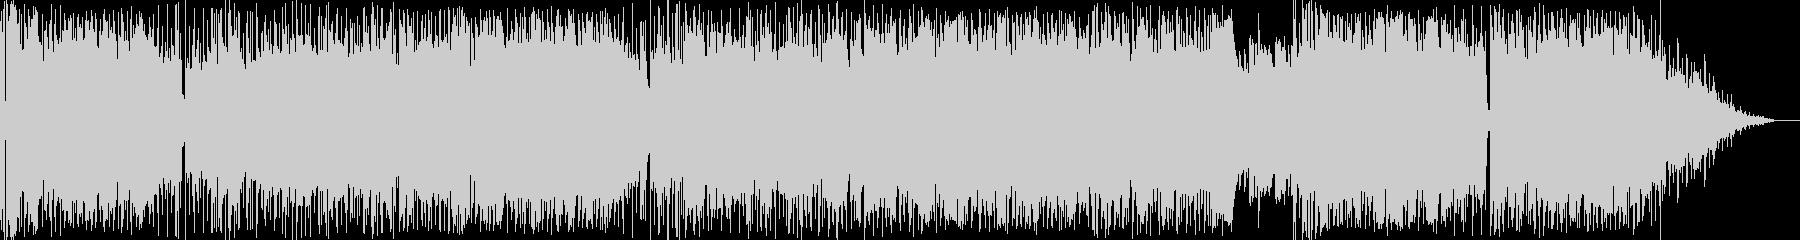 サックスの音が印象的なポップ演歌歌謡の未再生の波形